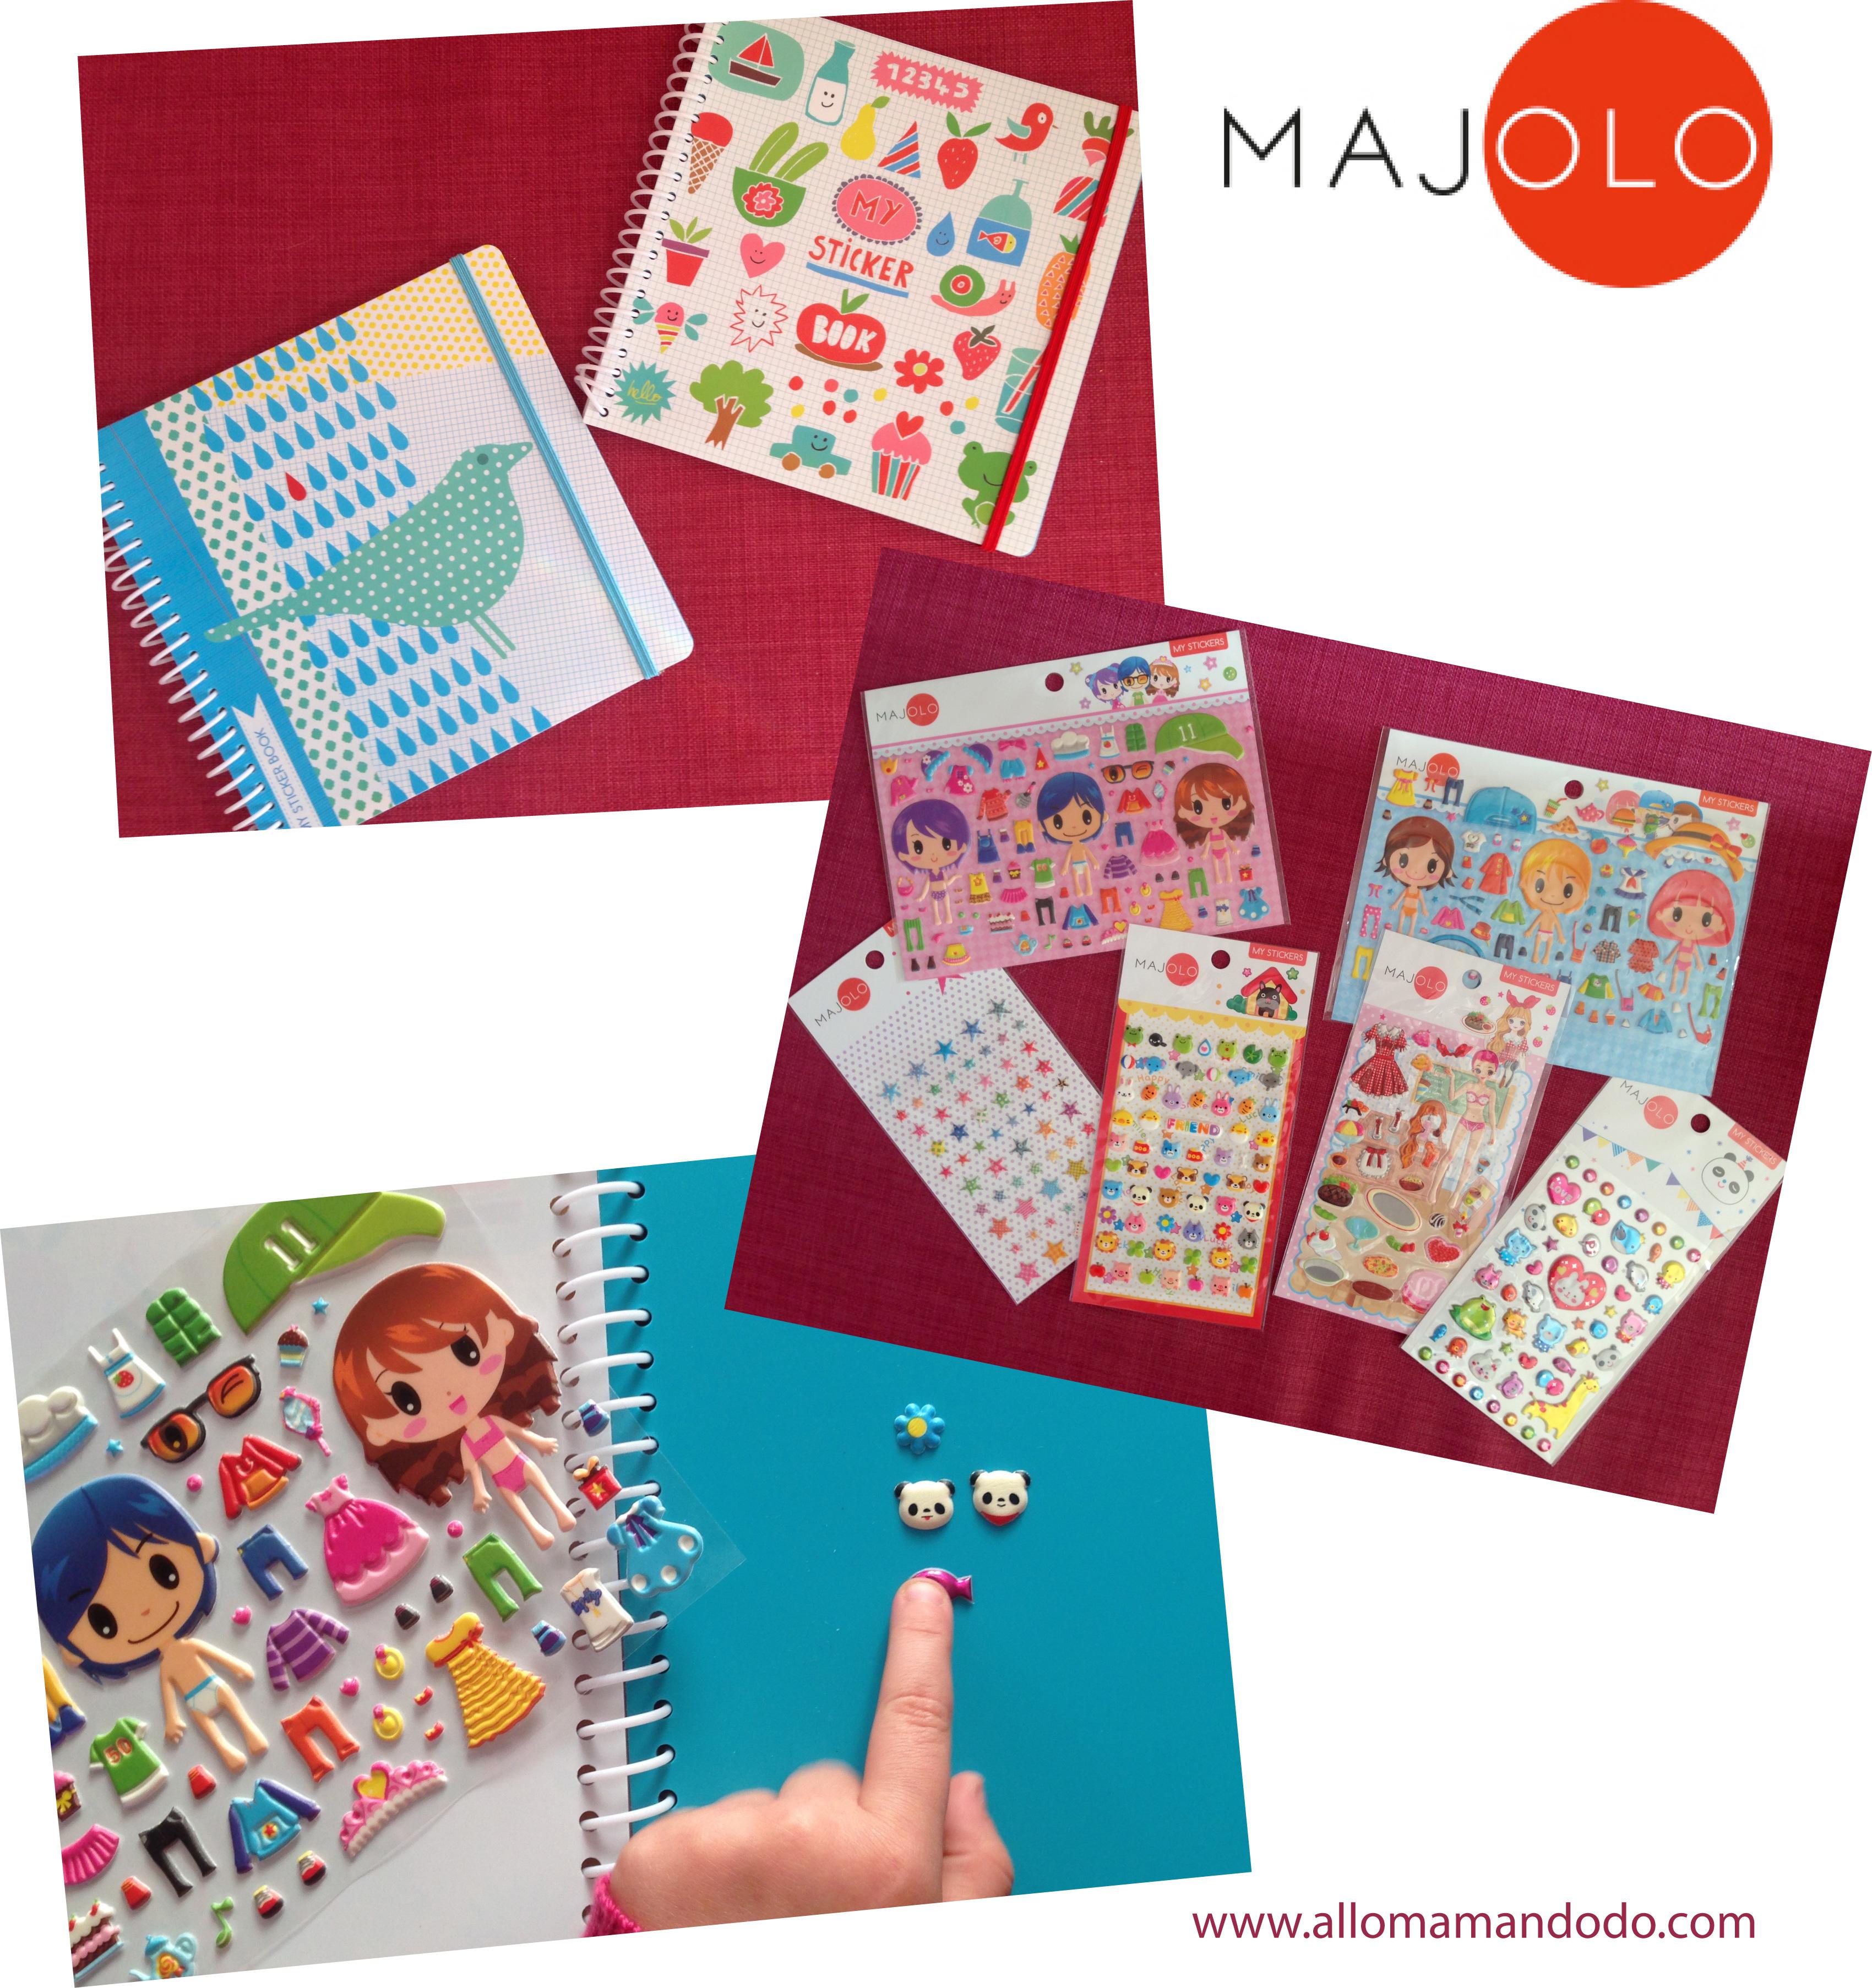 majolo-1